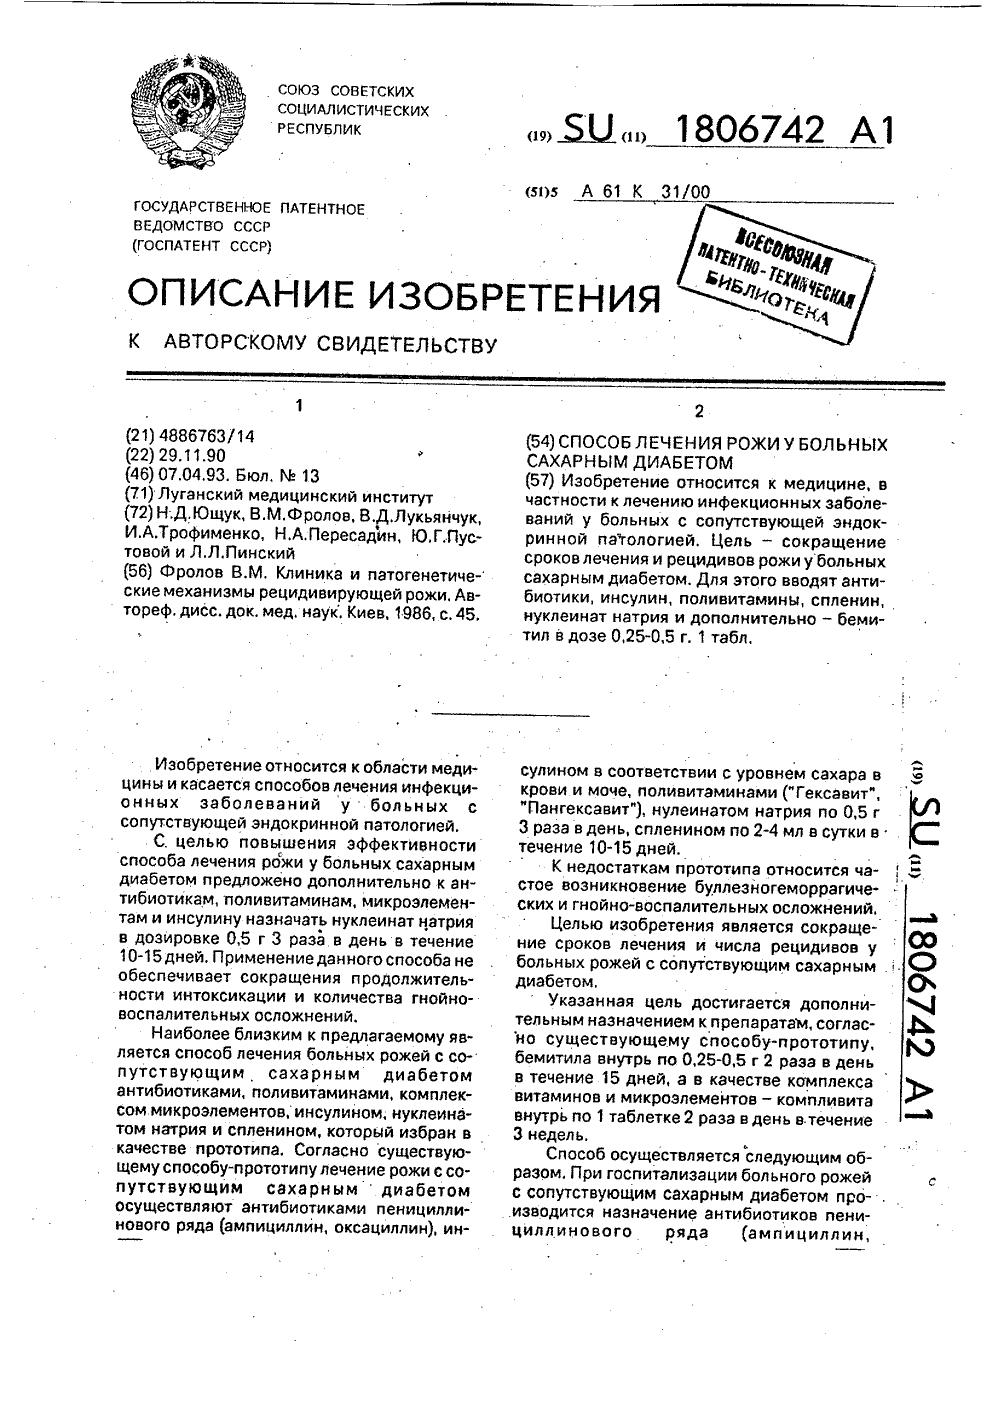 lechenie-diabeta-po-metodu-polyakovoy